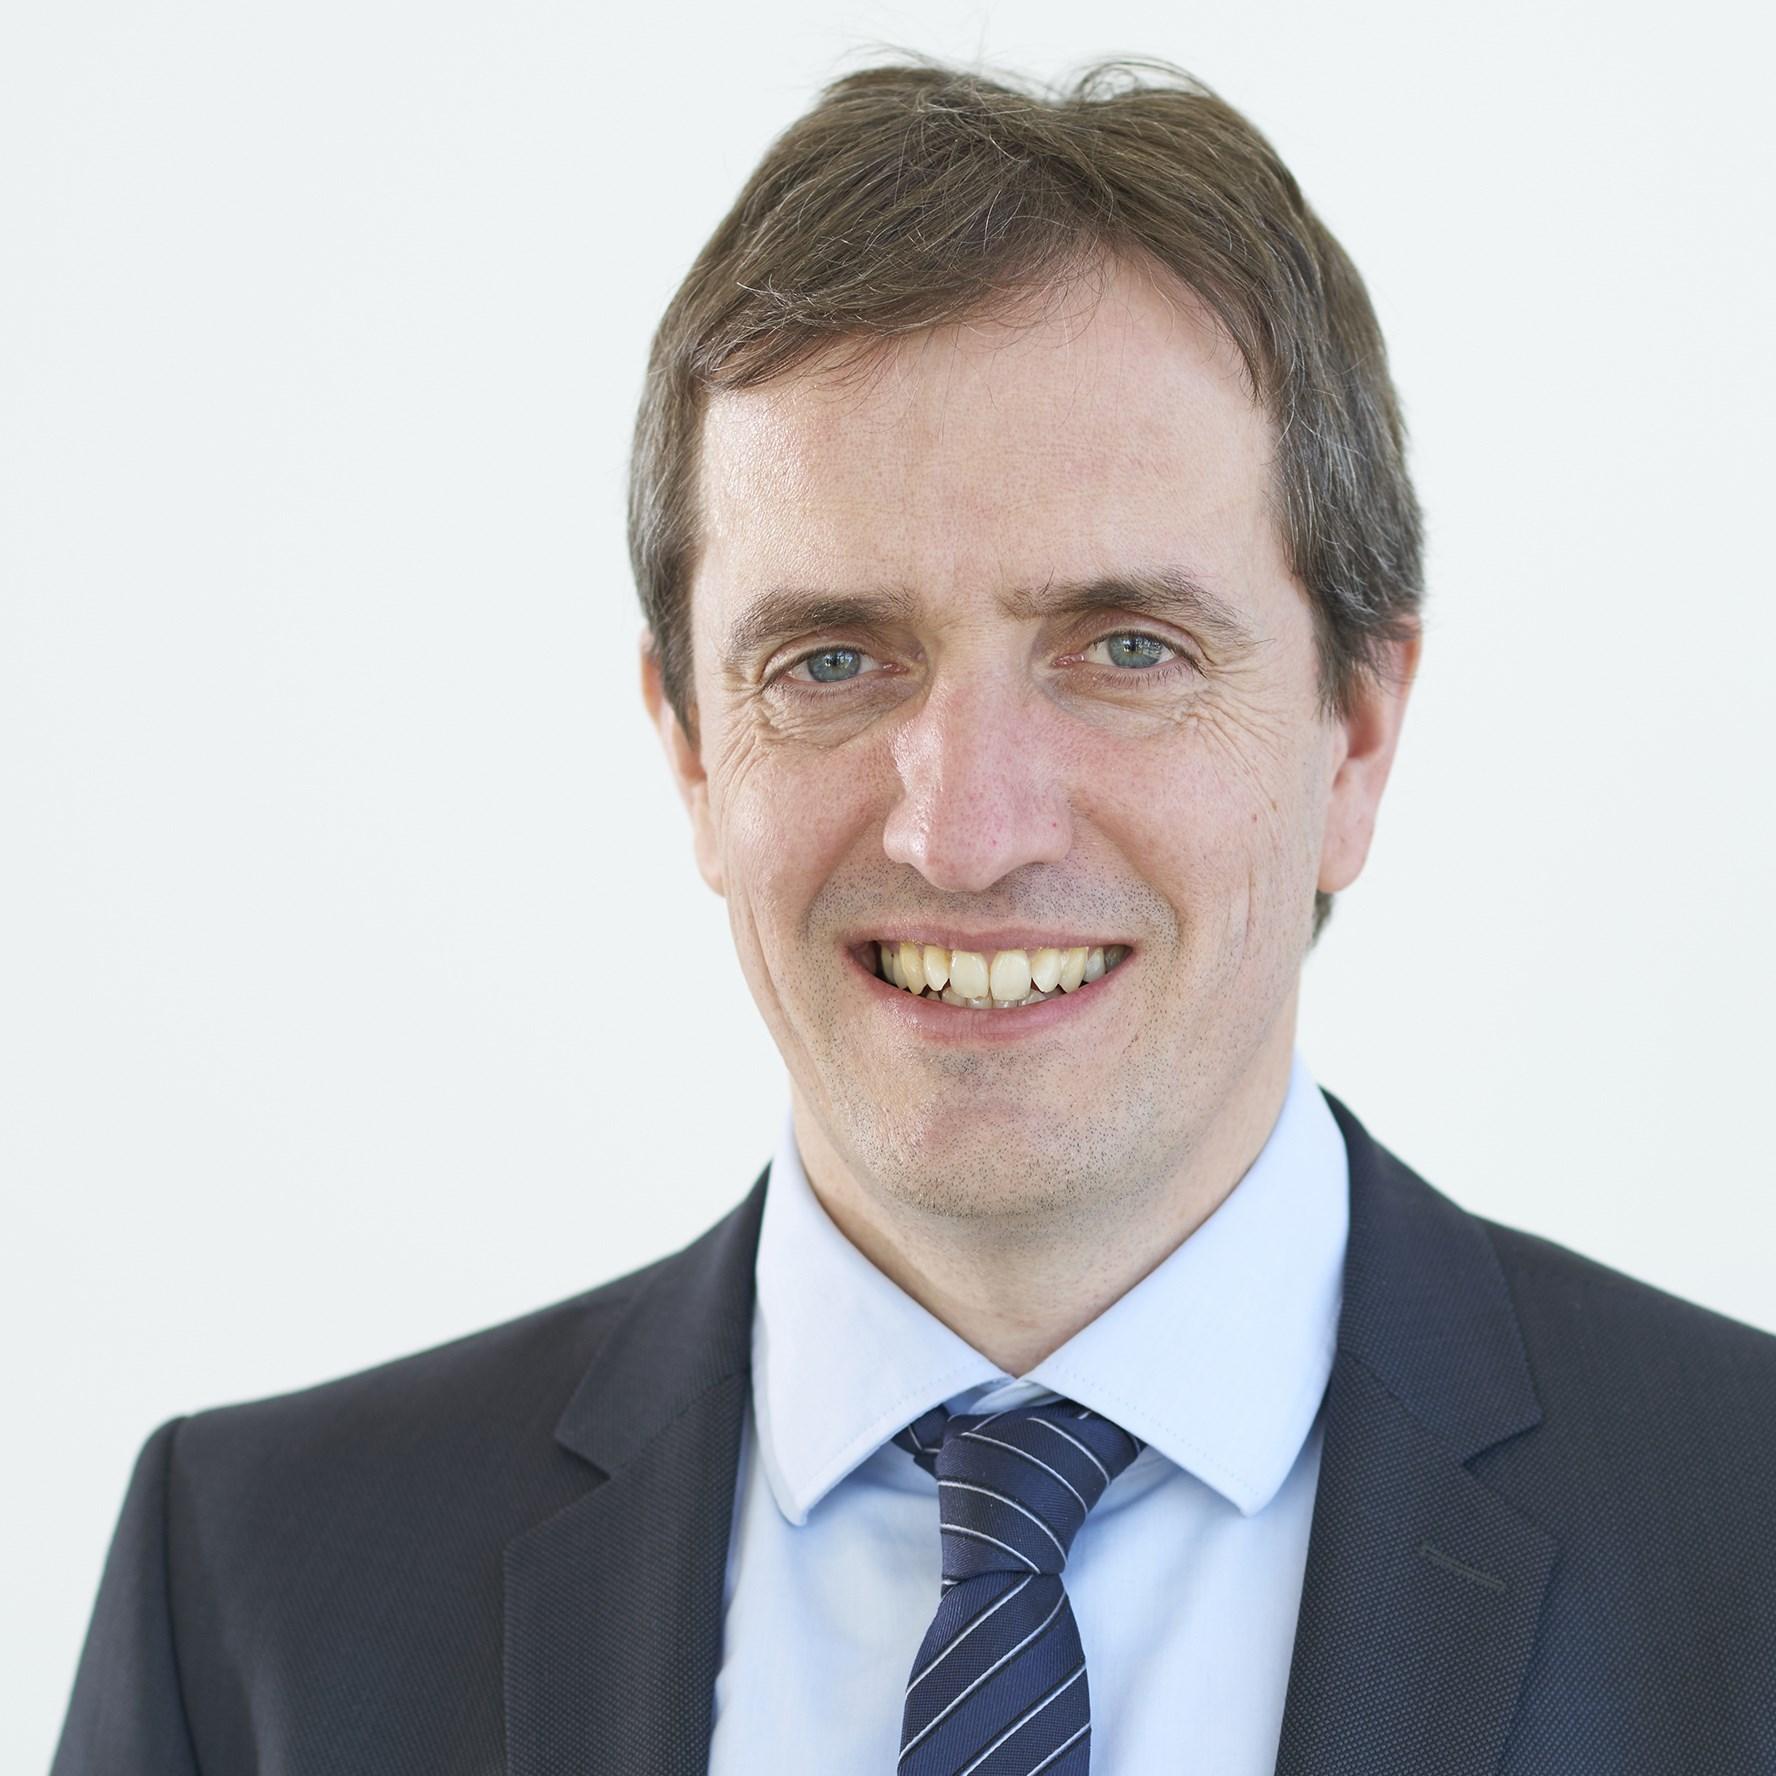 Univ. Prof. Dr. Michael Henke